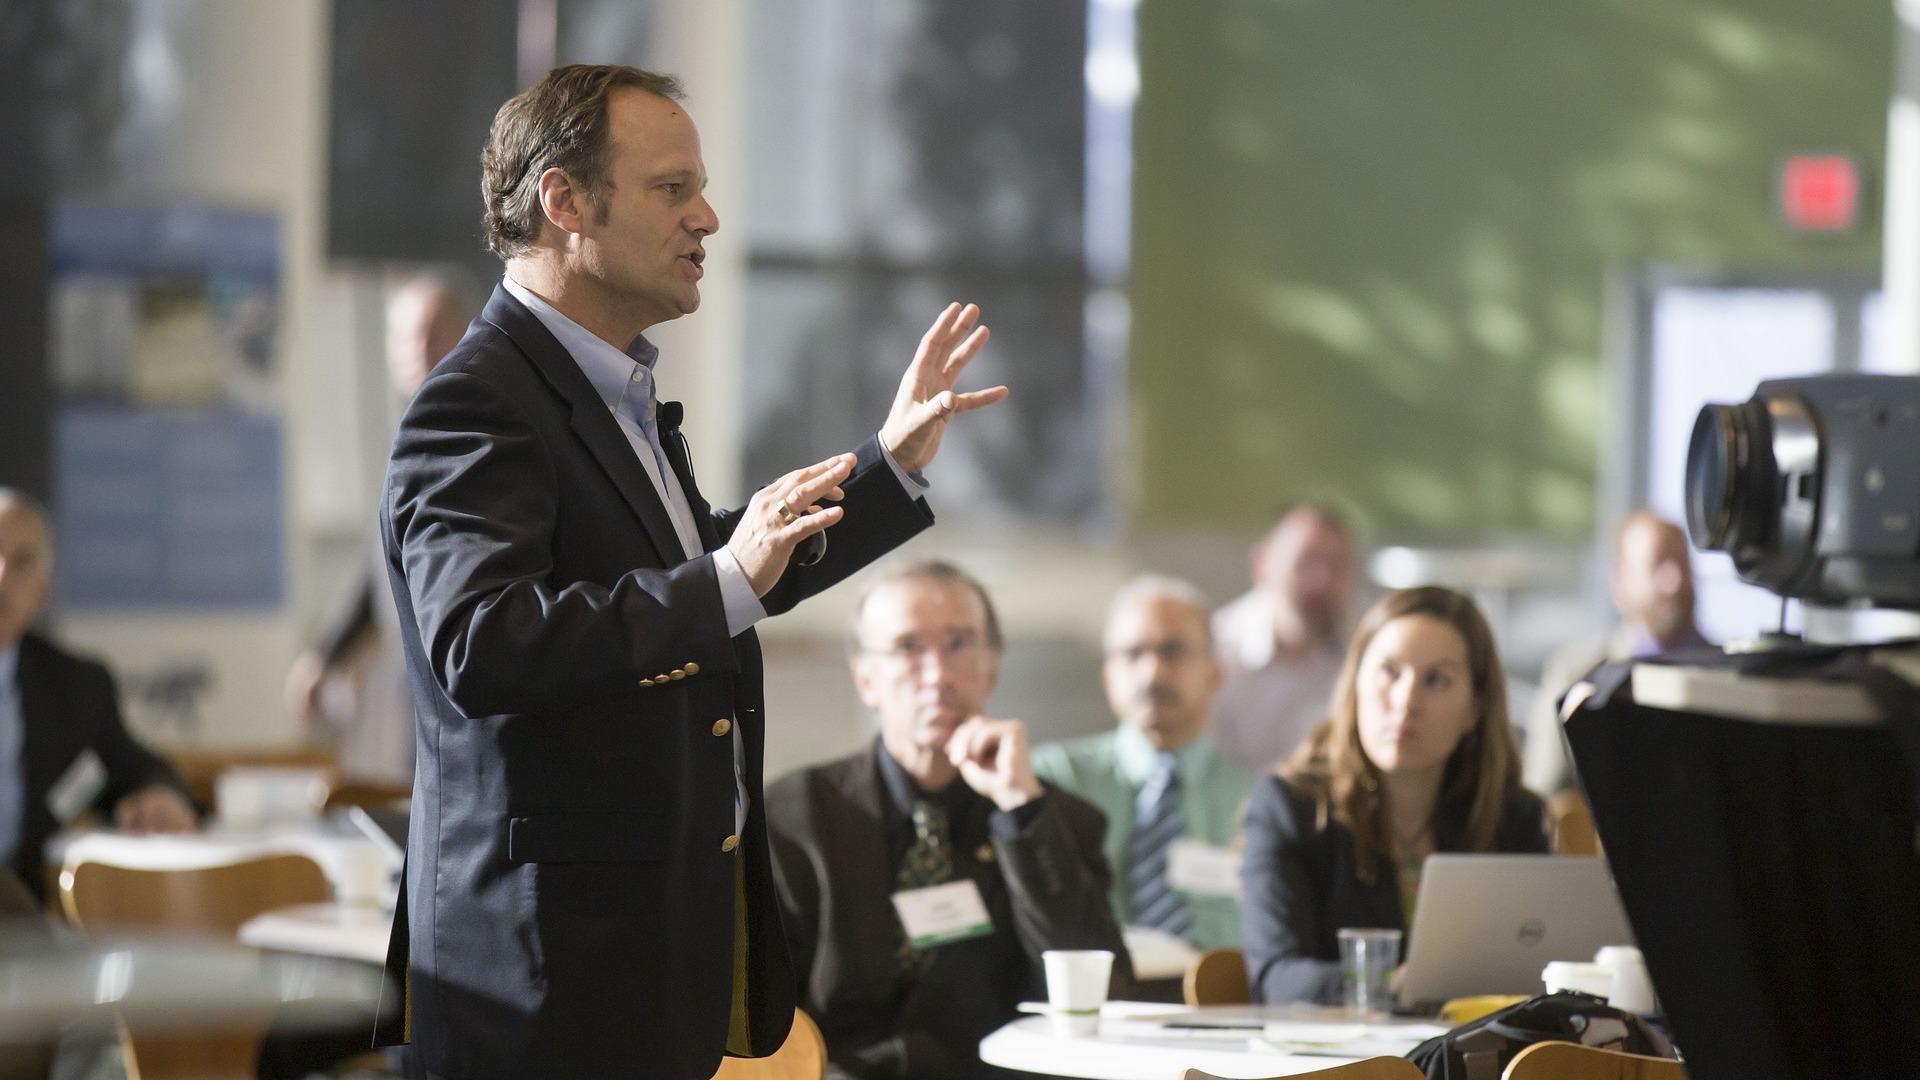 Сколько времени времени занимает подготовка презентации?